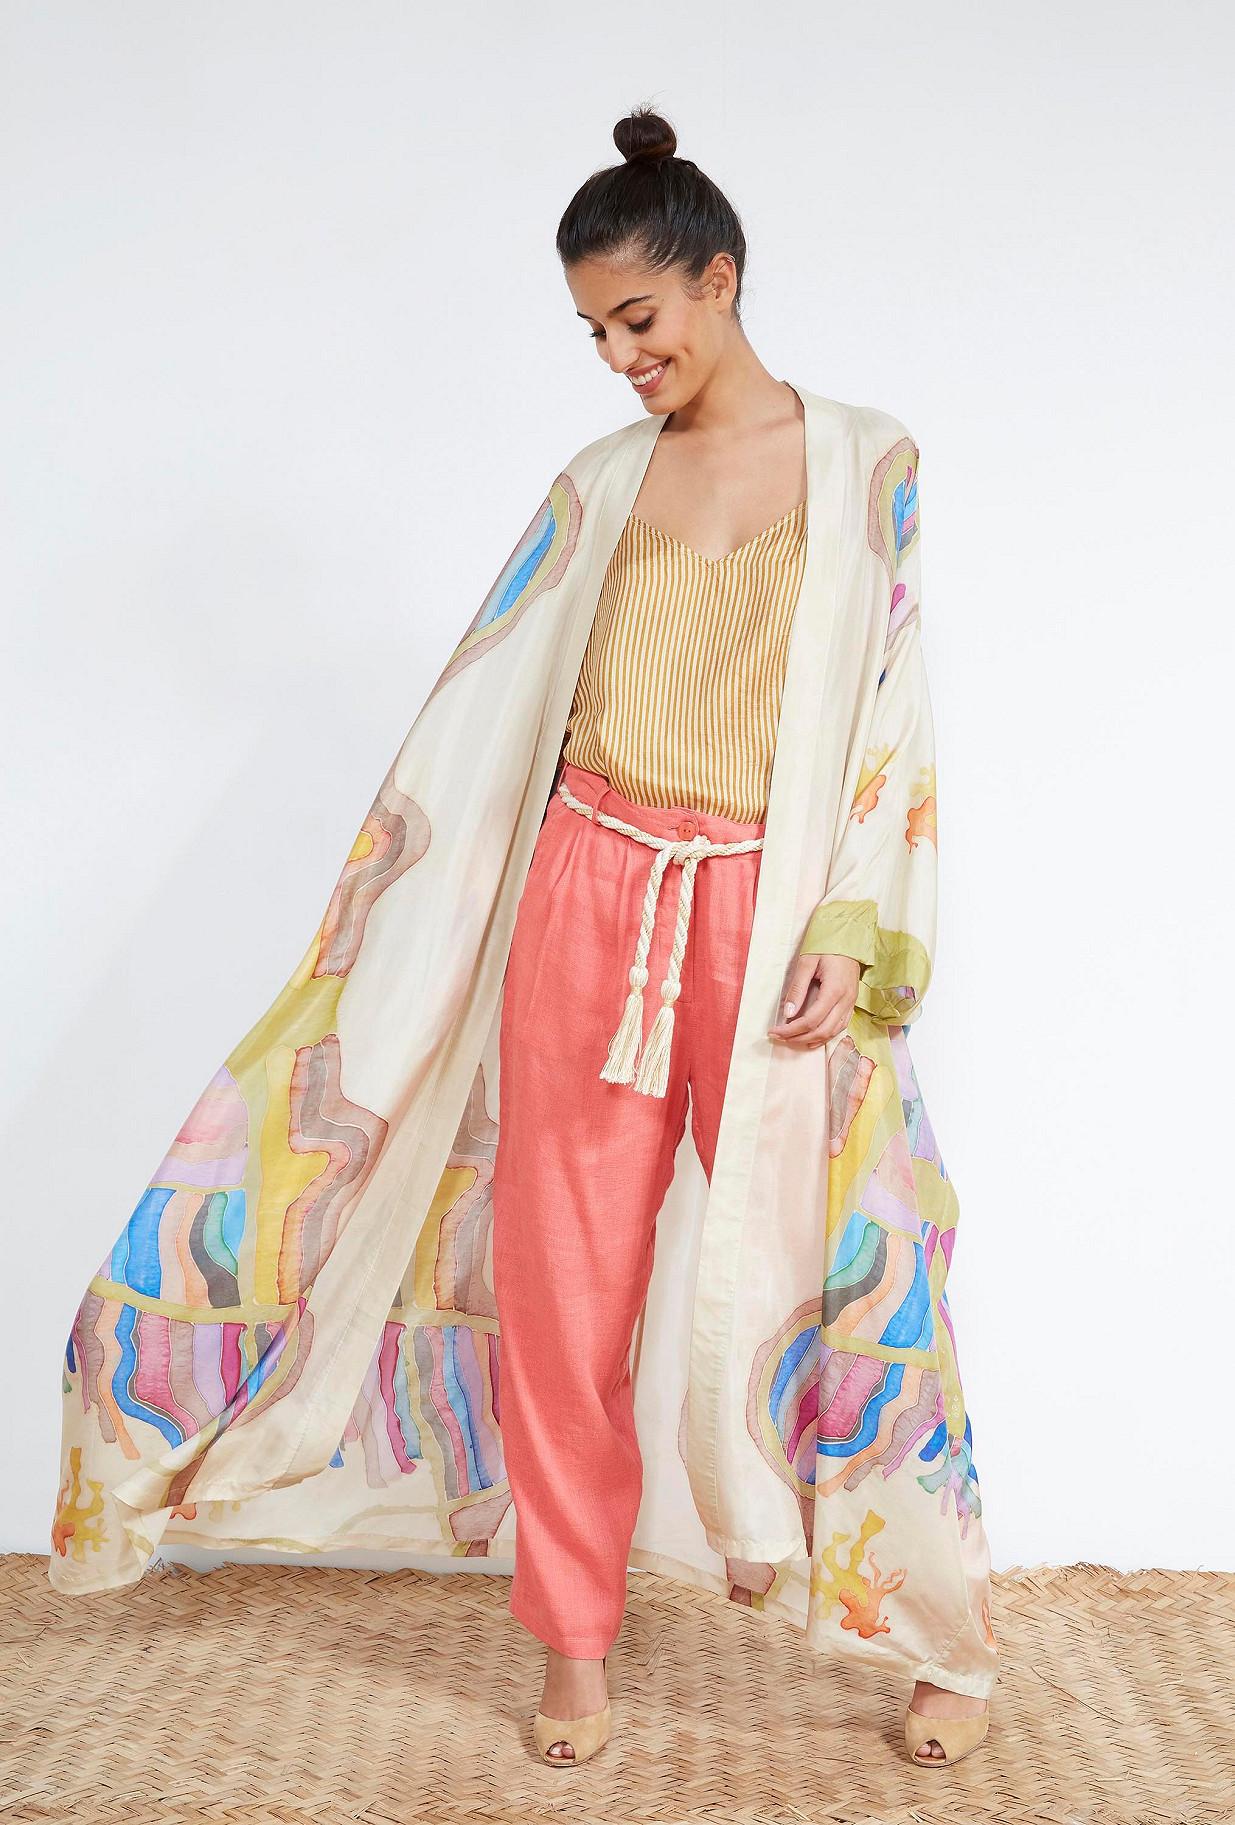 KIMONO Imprimé écru  Soumaya mes demoiselles paris vêtement femme paris